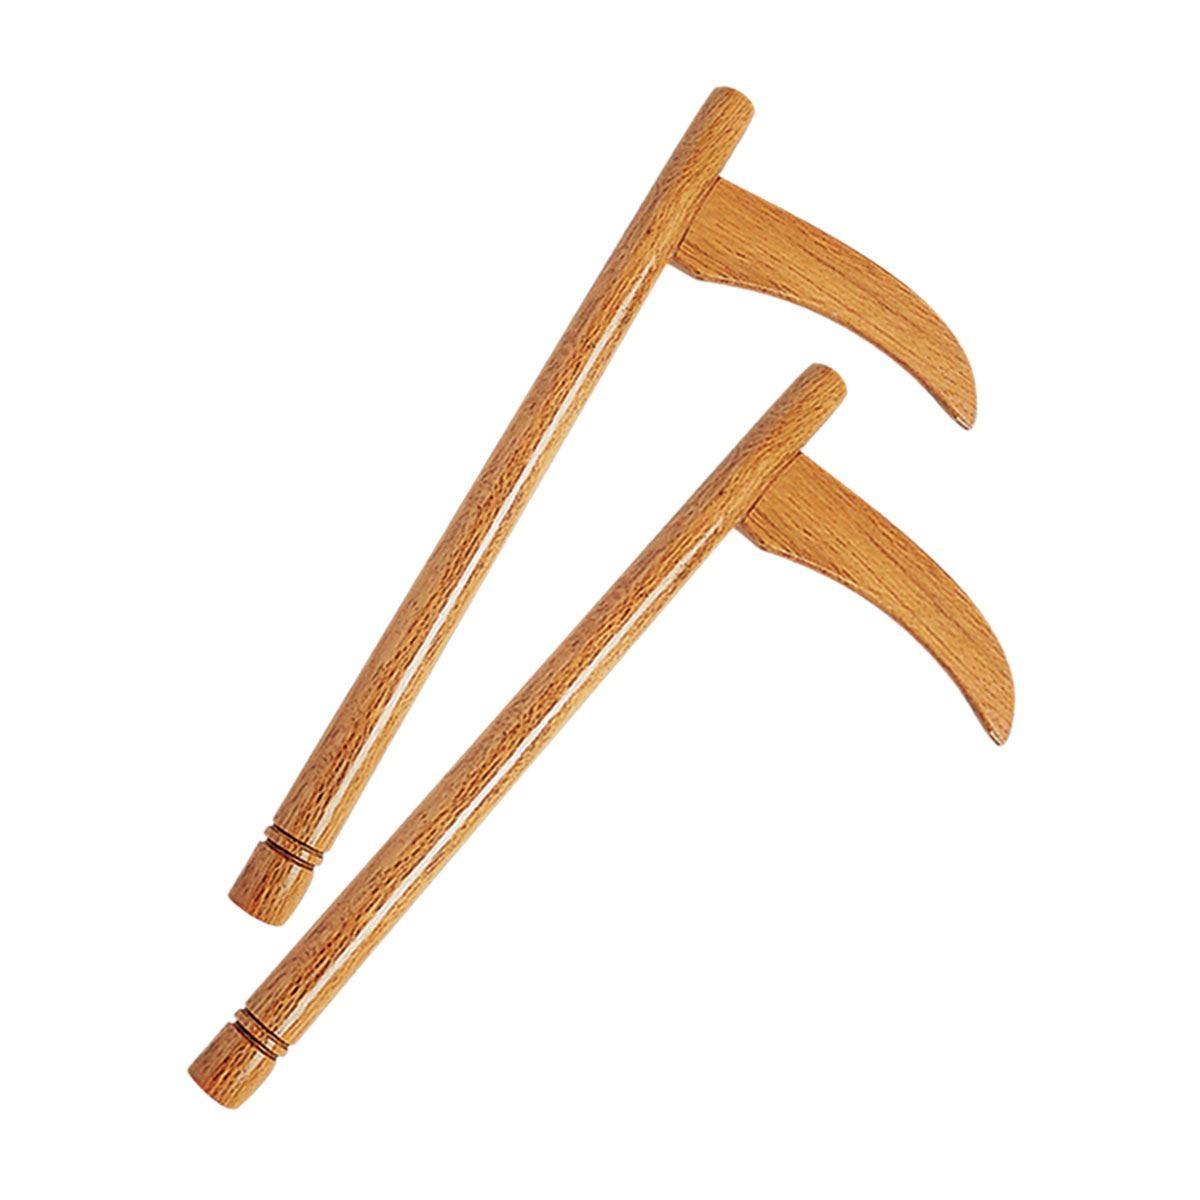 Wood Practice Kamas